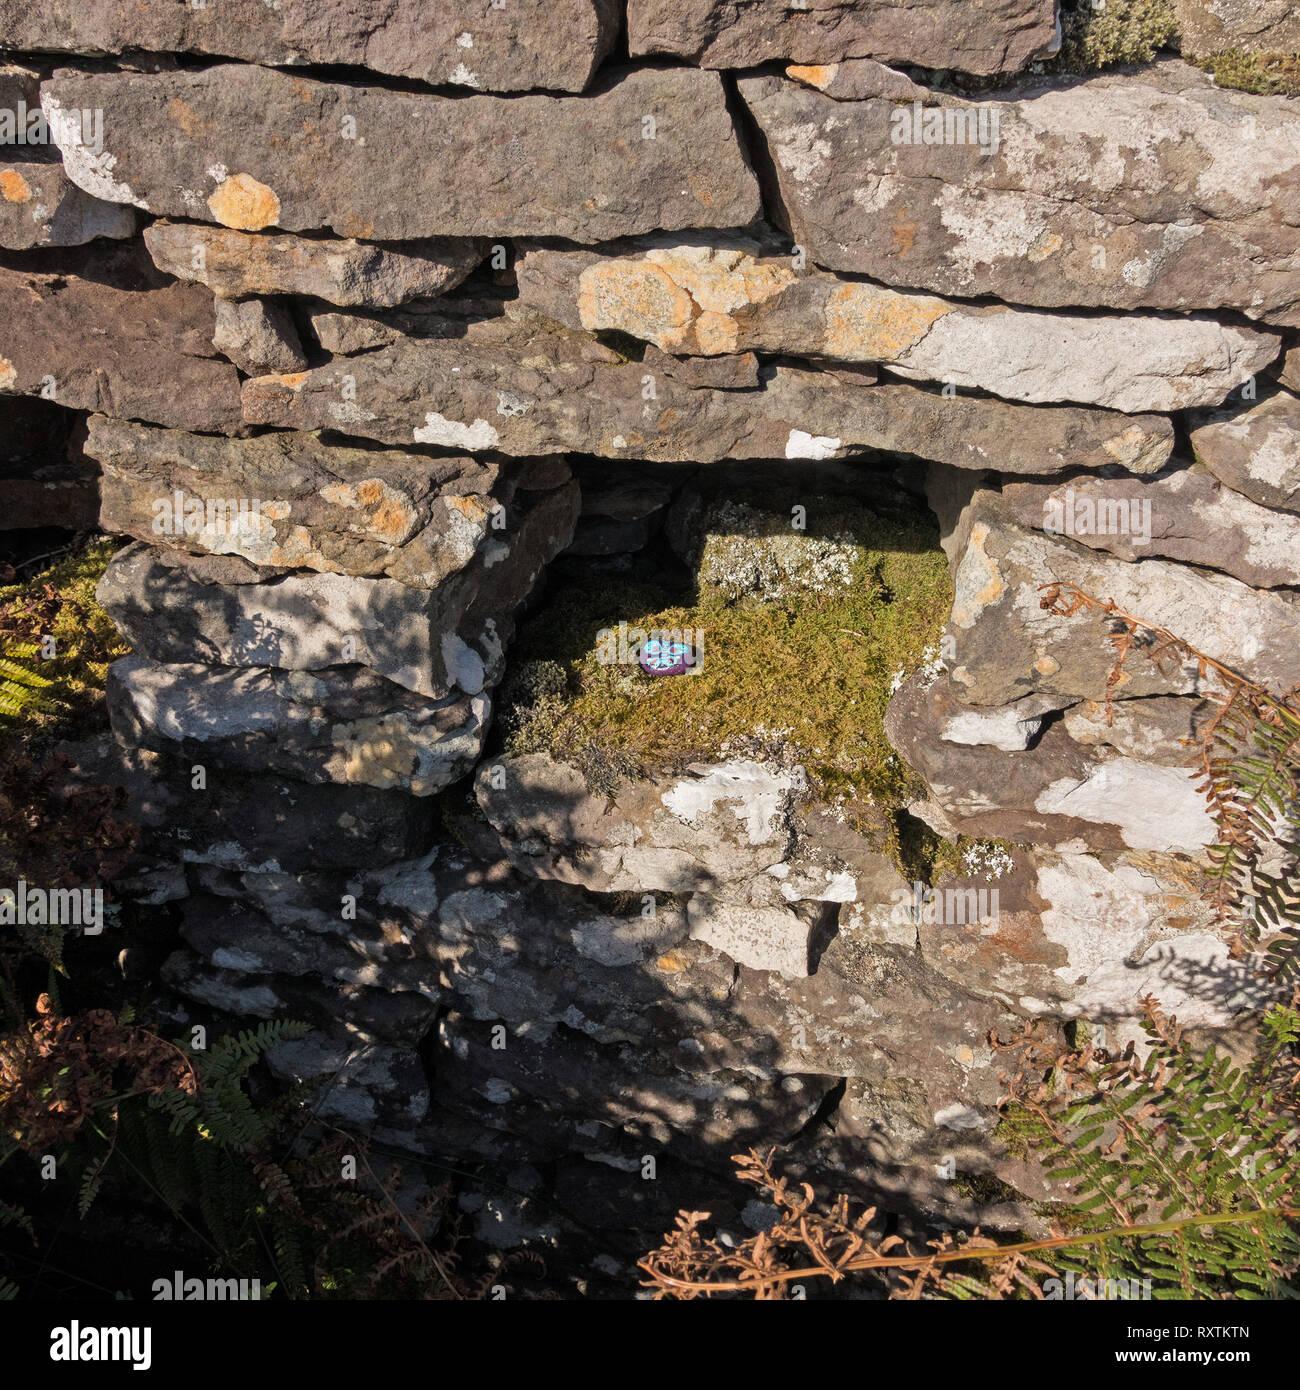 West Coast roccia dipinta (#WCPR). Uno nascosto e trovato dipinto e verniciato di ghiaia, Skye, Scotland, Regno Unito Immagini Stock